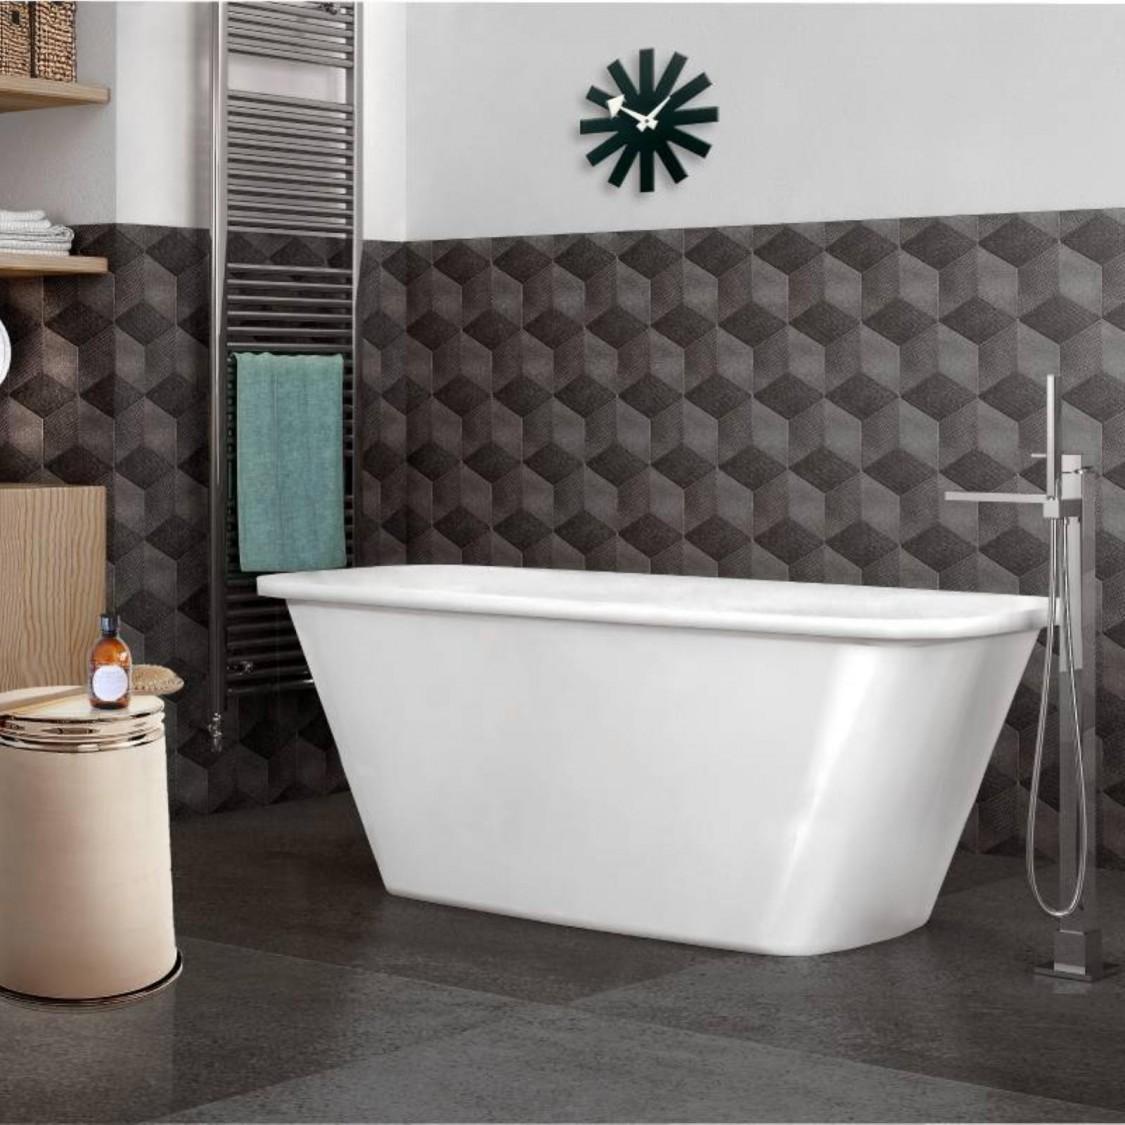 Vasca da bagno rettangolare freestanding in marmoresina bianco opaco installazione libera 1700x700 mm